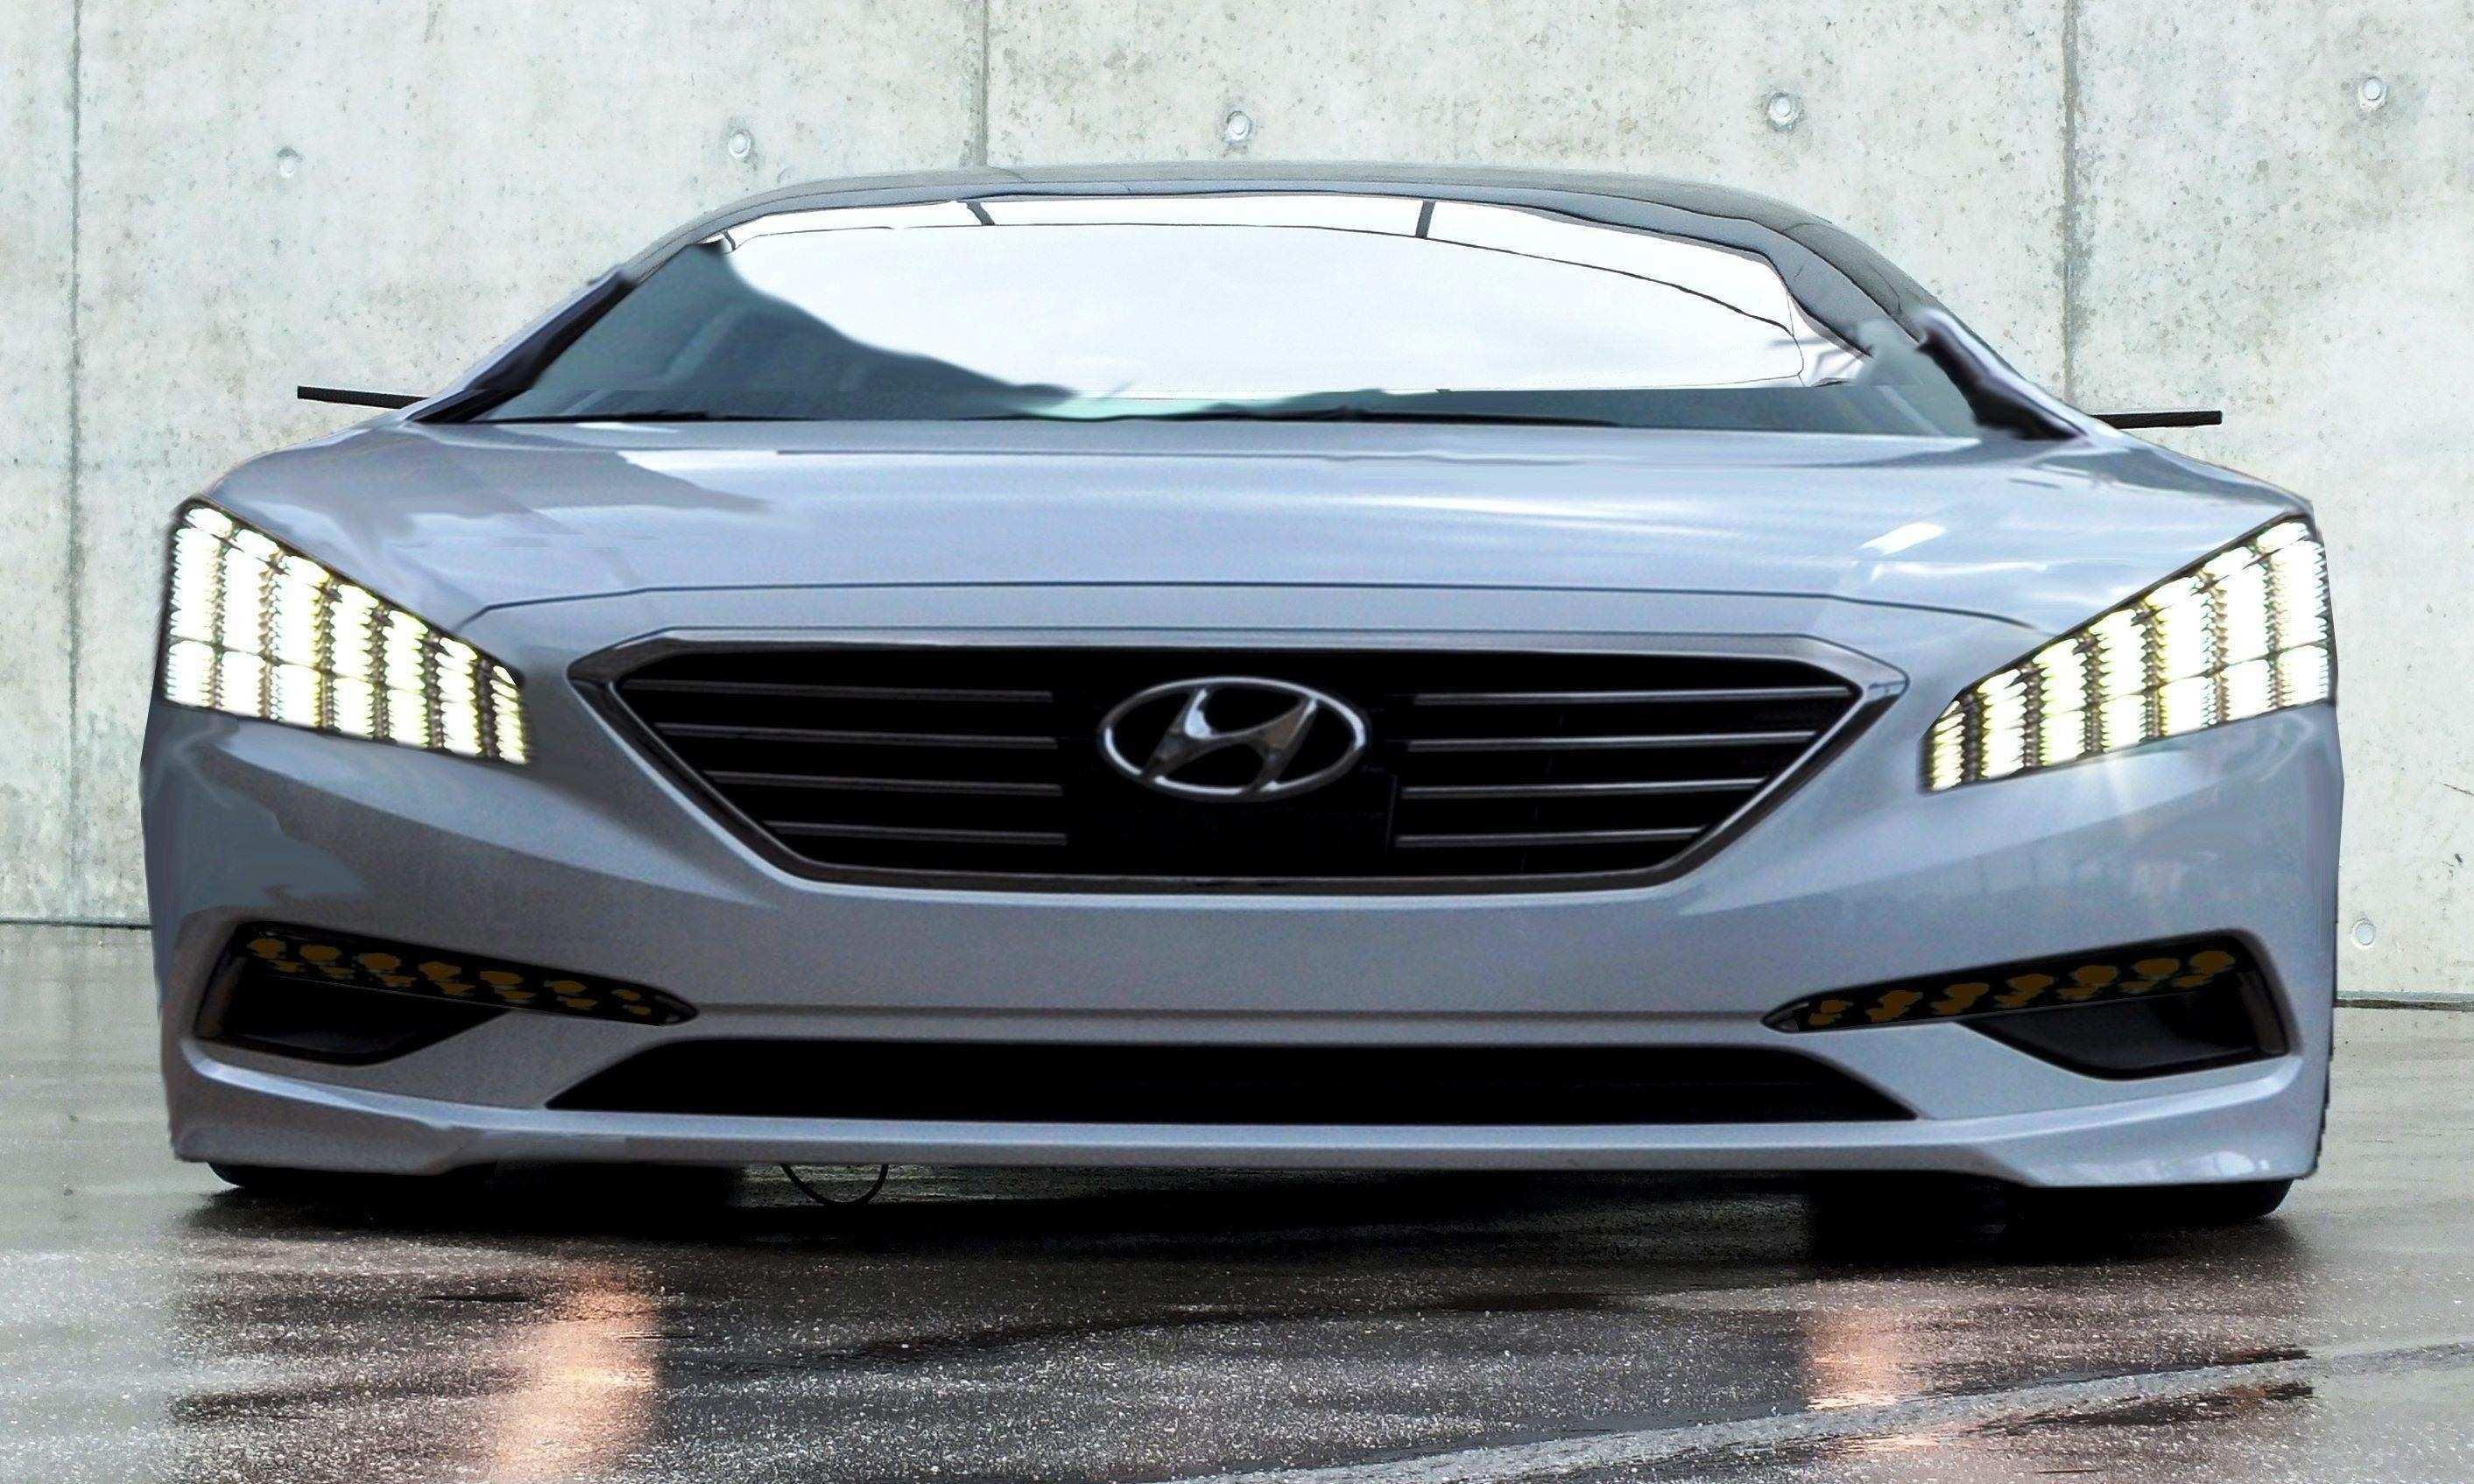 75 All New Hyundai Grandeur 2020 Images by Hyundai Grandeur 2020